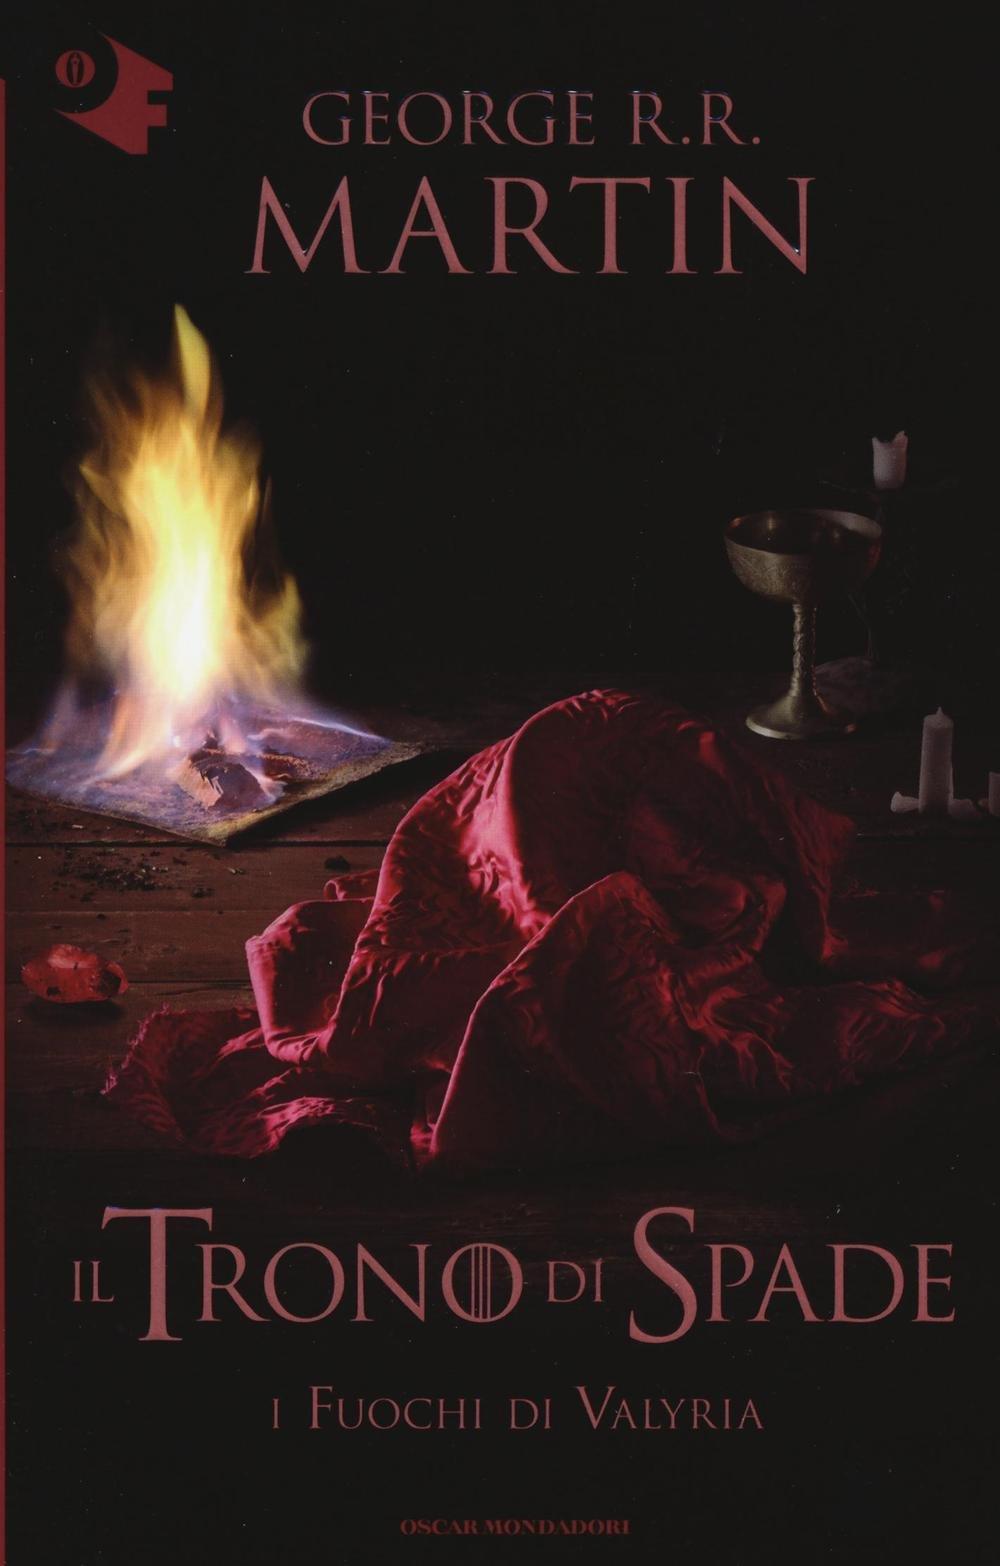 Il trono di spade: 11 (Inglese) Copertina flessibile – 22 mar 2016 George R. R. Martin S. Altieri G. L. Staffilano Mondadori